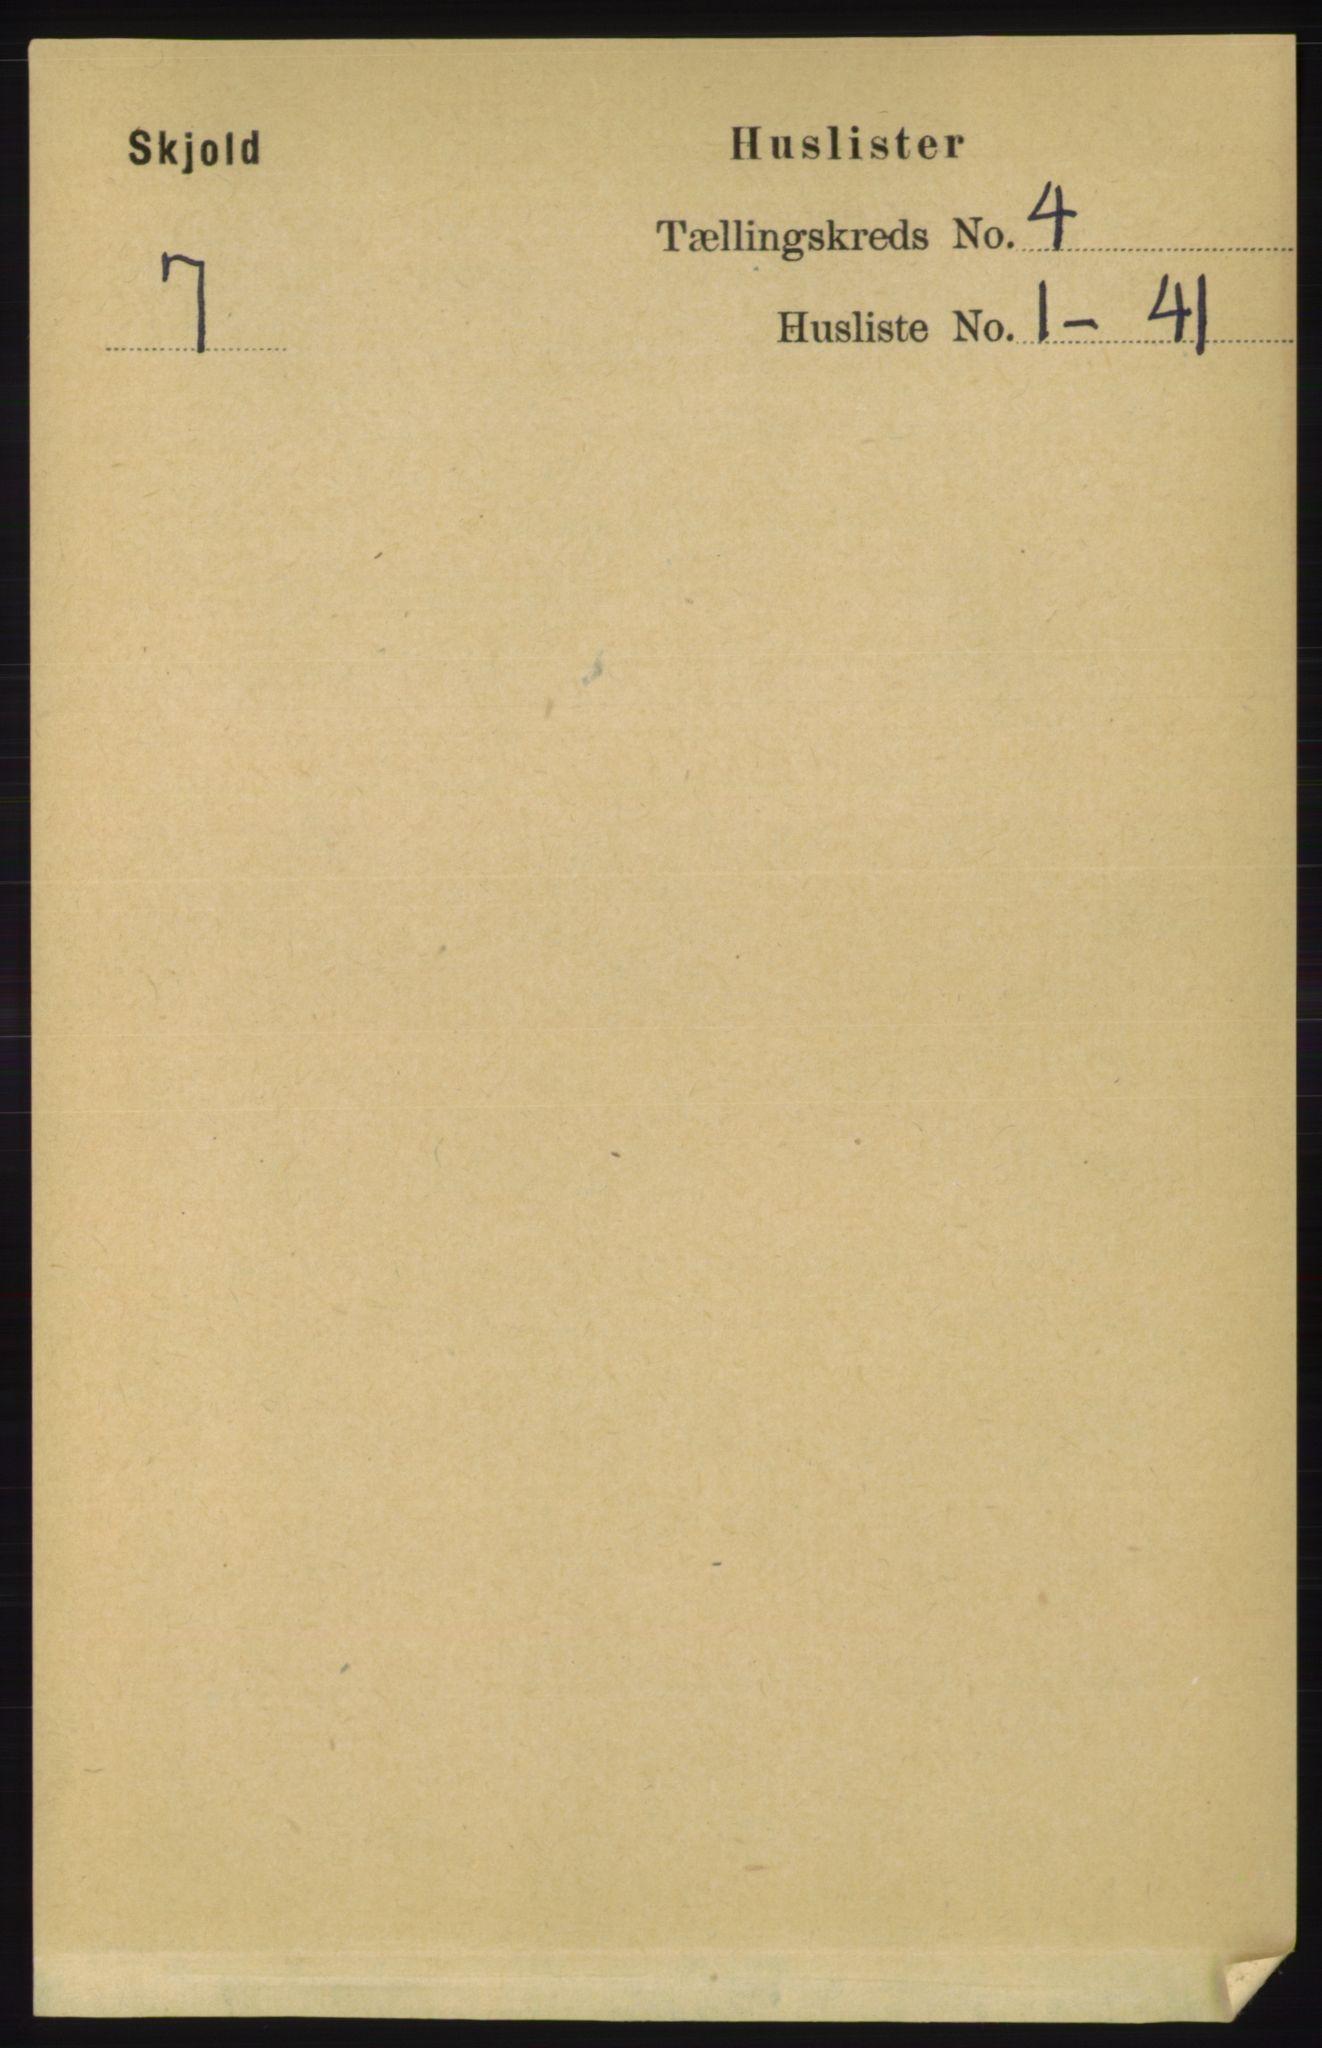 RA, Folketelling 1891 for 1154 Skjold herred, 1891, s. 509